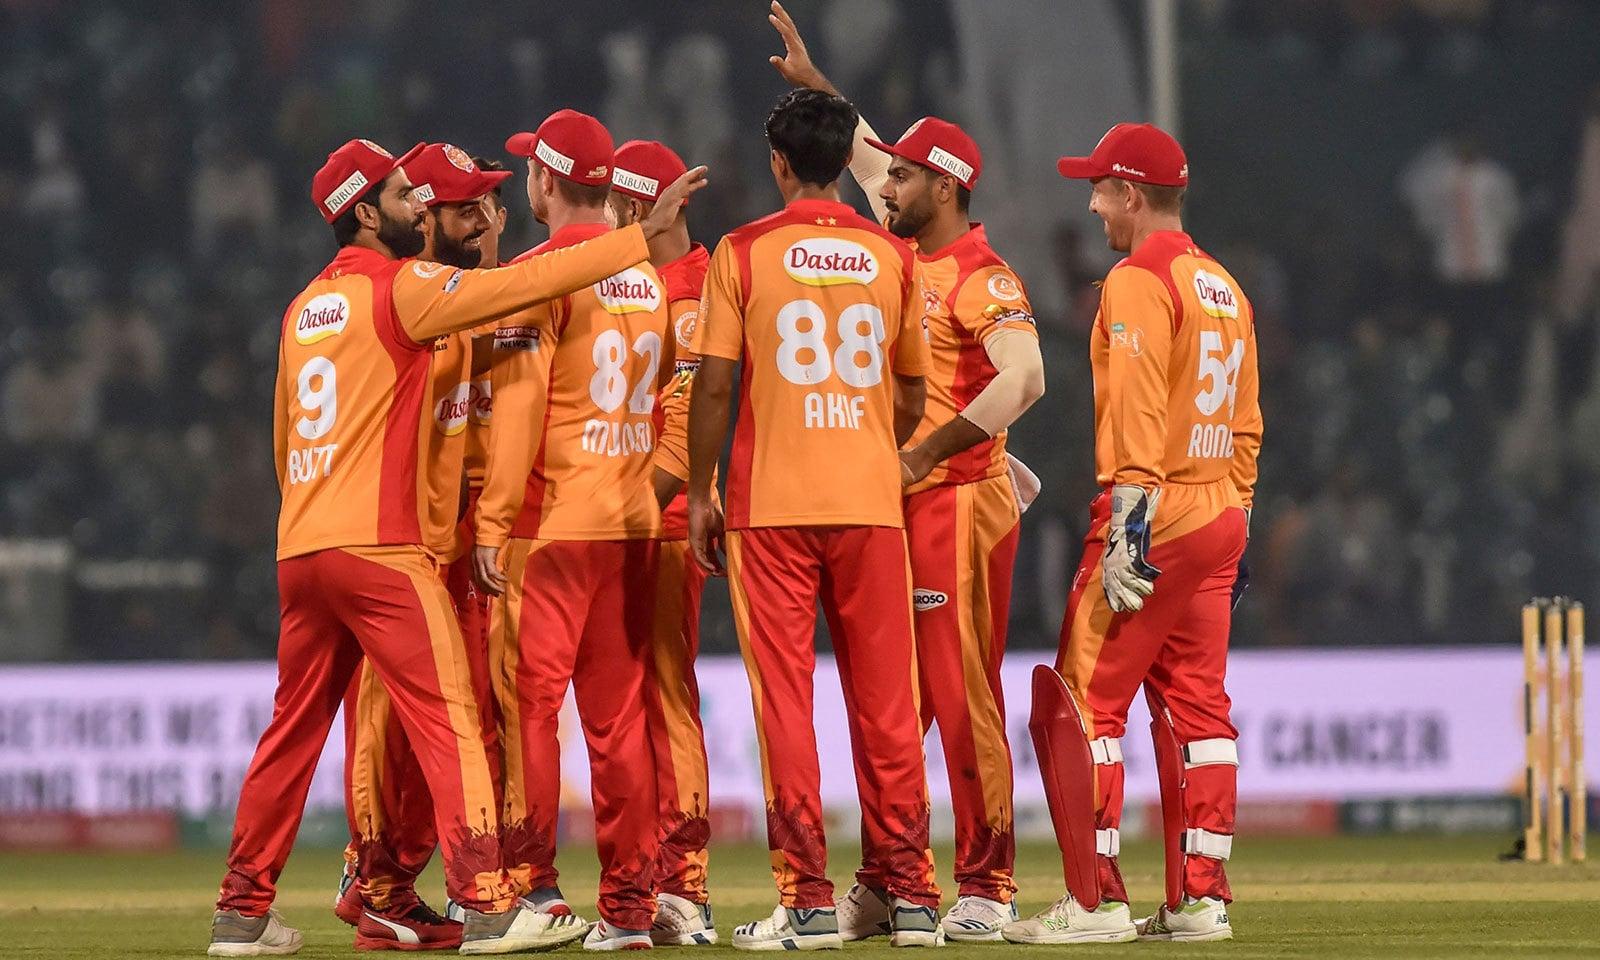 اسلام آباد کے عماد بٹ نے 4 کھلاڑیوں کو آؤٹ کیا—فوٹو:اے ایف پی